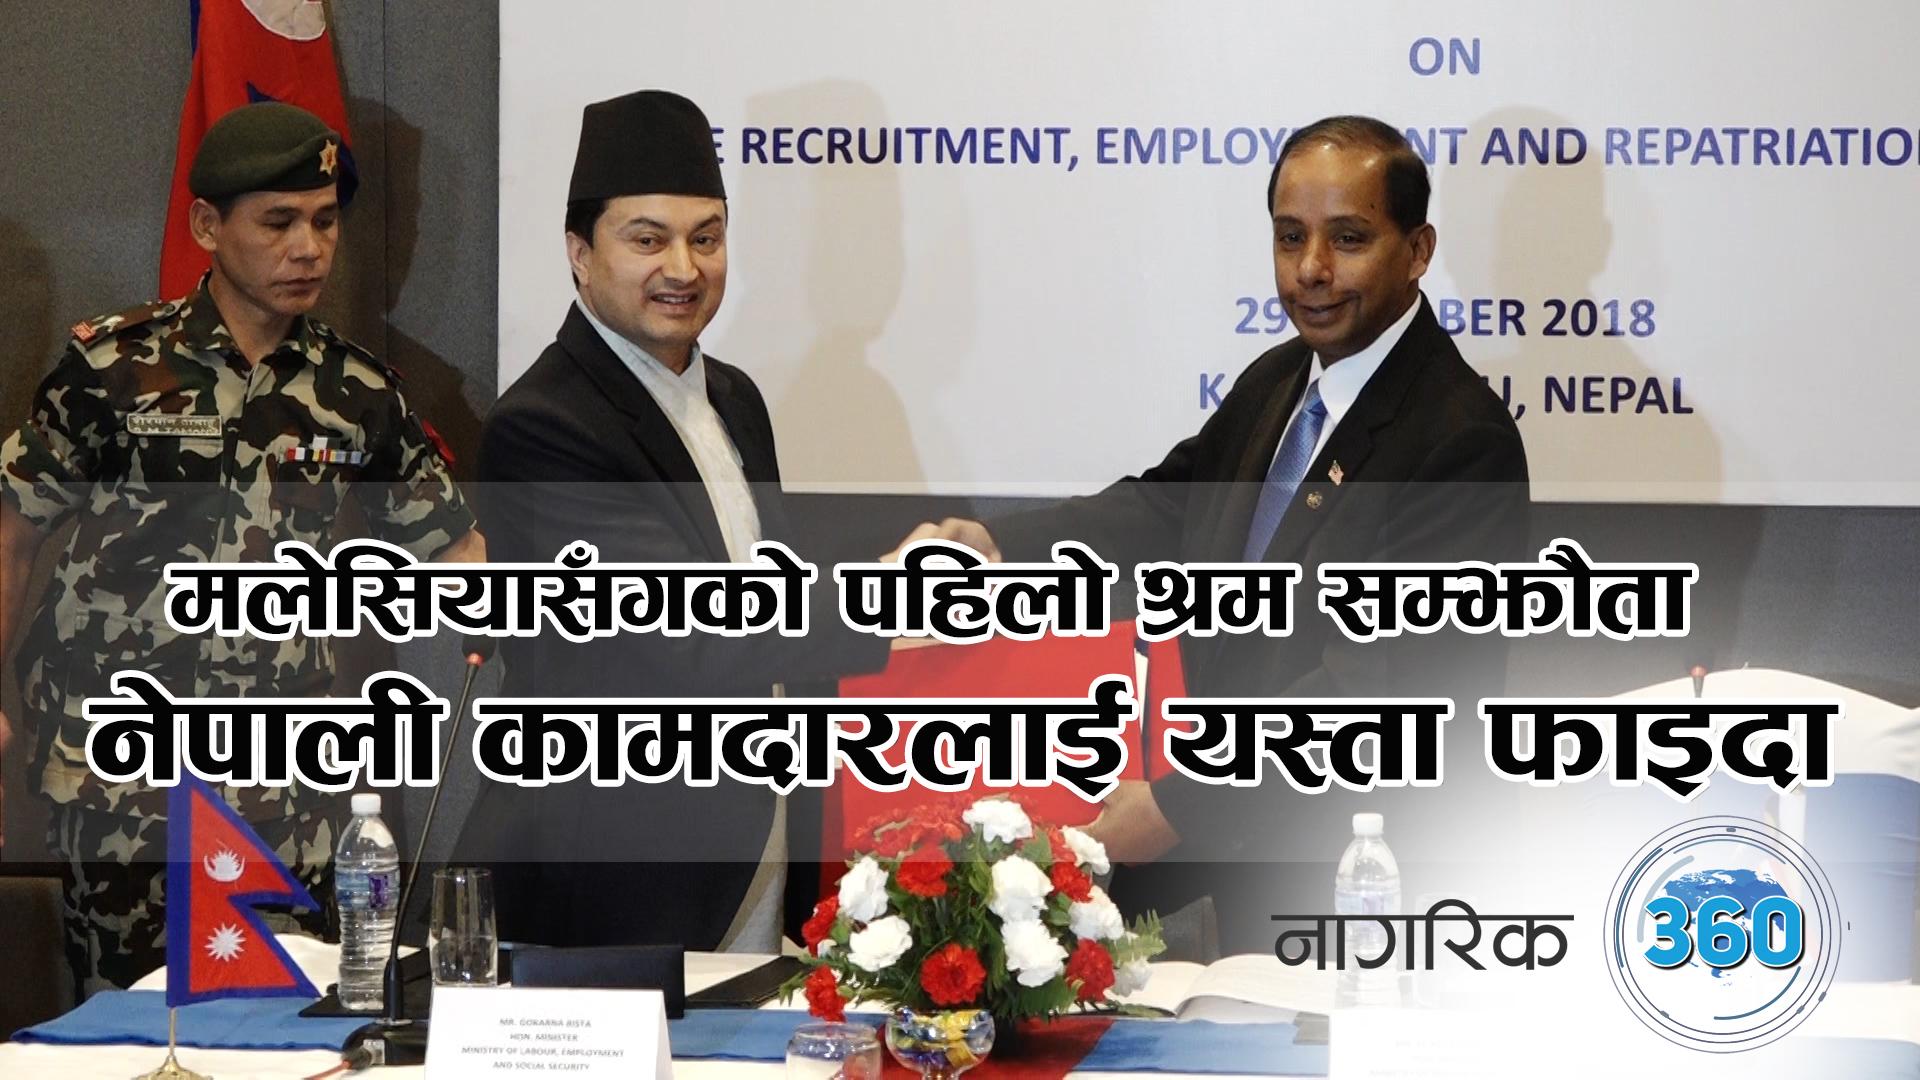 मलेसियासँगको पहिलो श्रम सम्झौता : नेपाली कामदारलाई यस्ता फाइदा